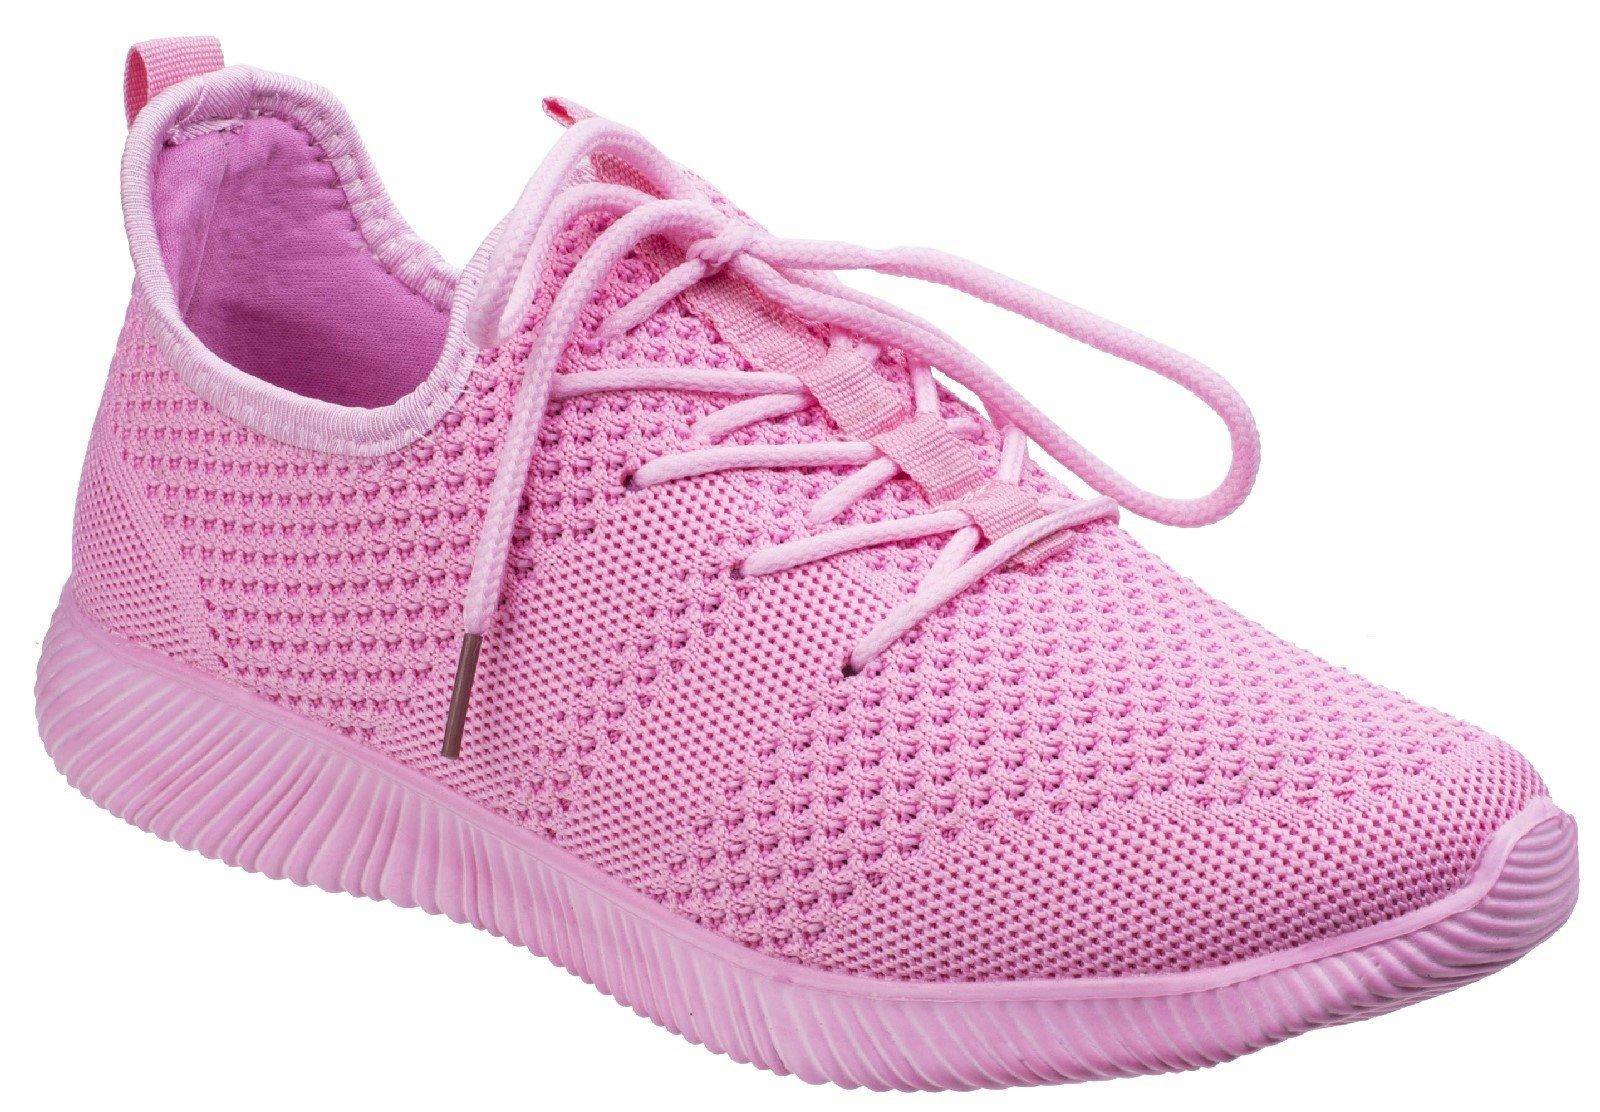 Divaz Women's Heidi Knit Trainer Grey 26327-43957 - Pink 3